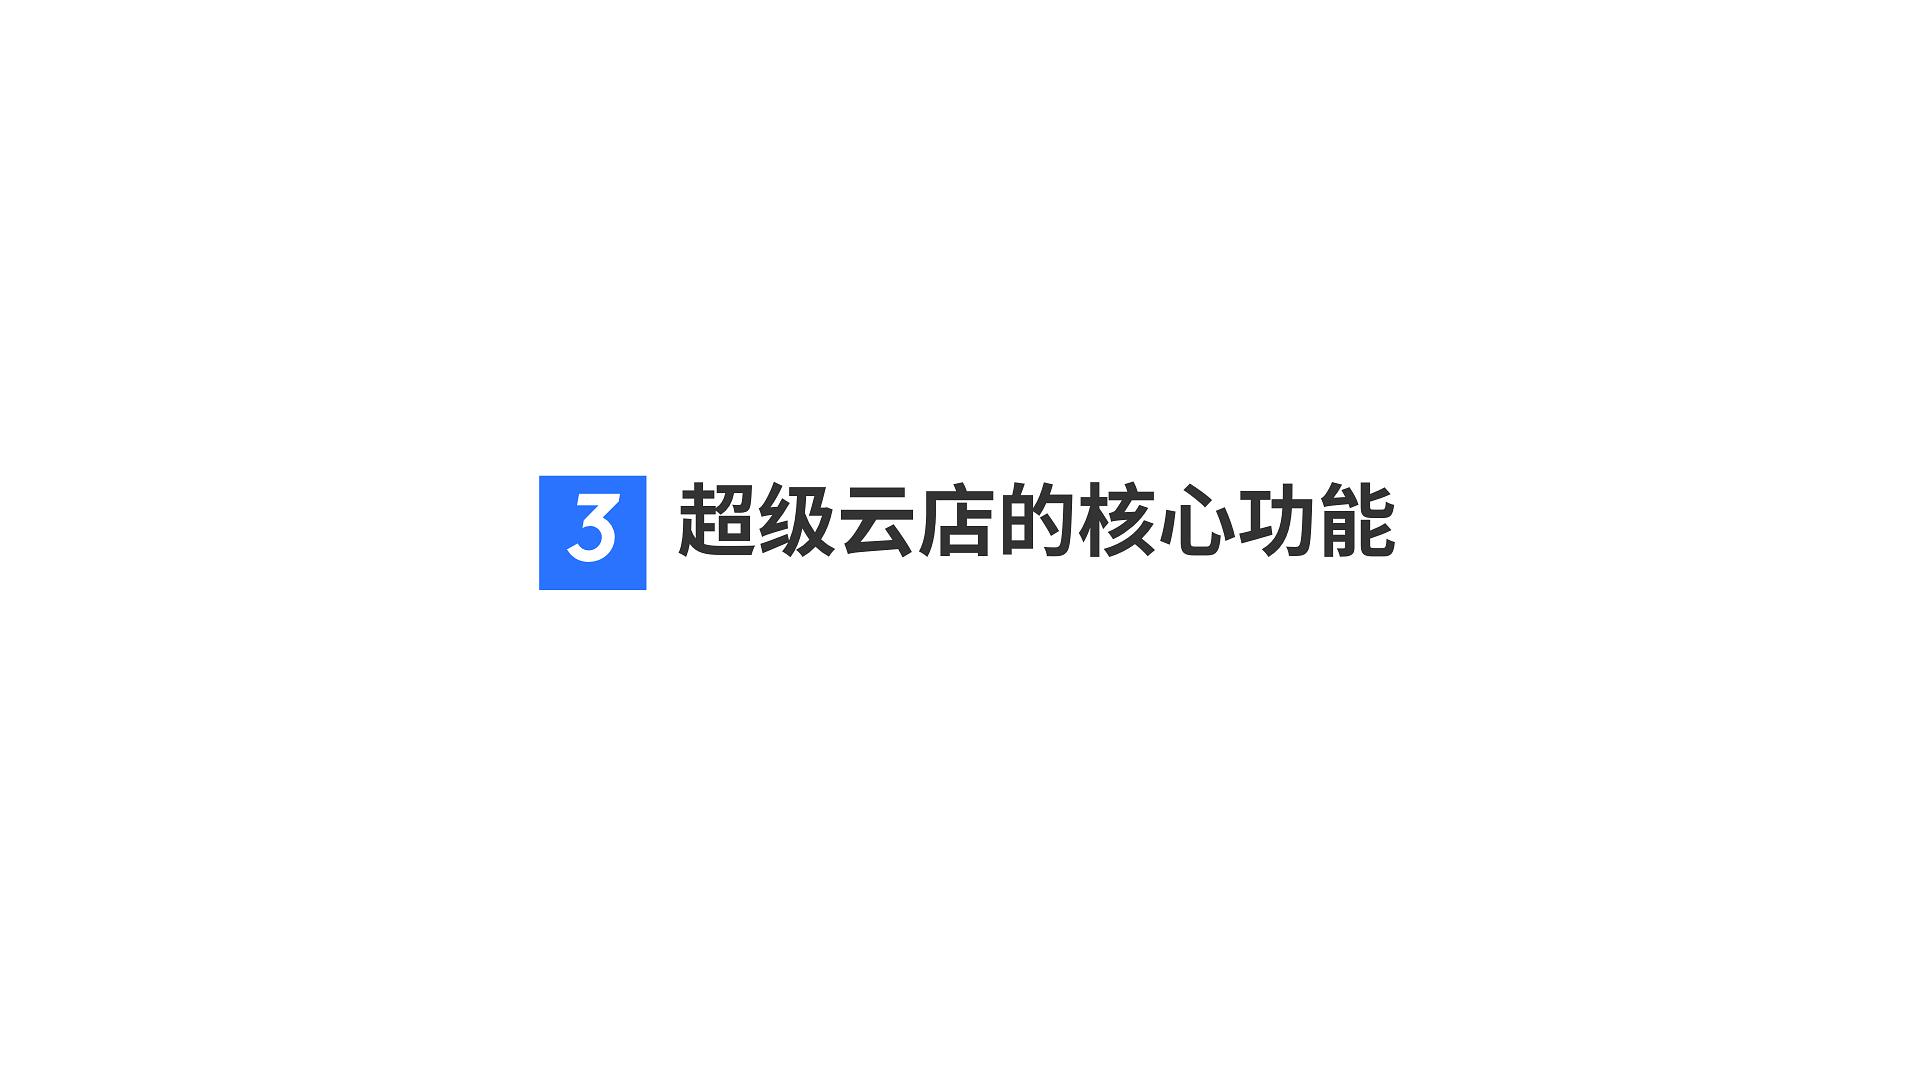 超級云店新零售解決方案.010.png